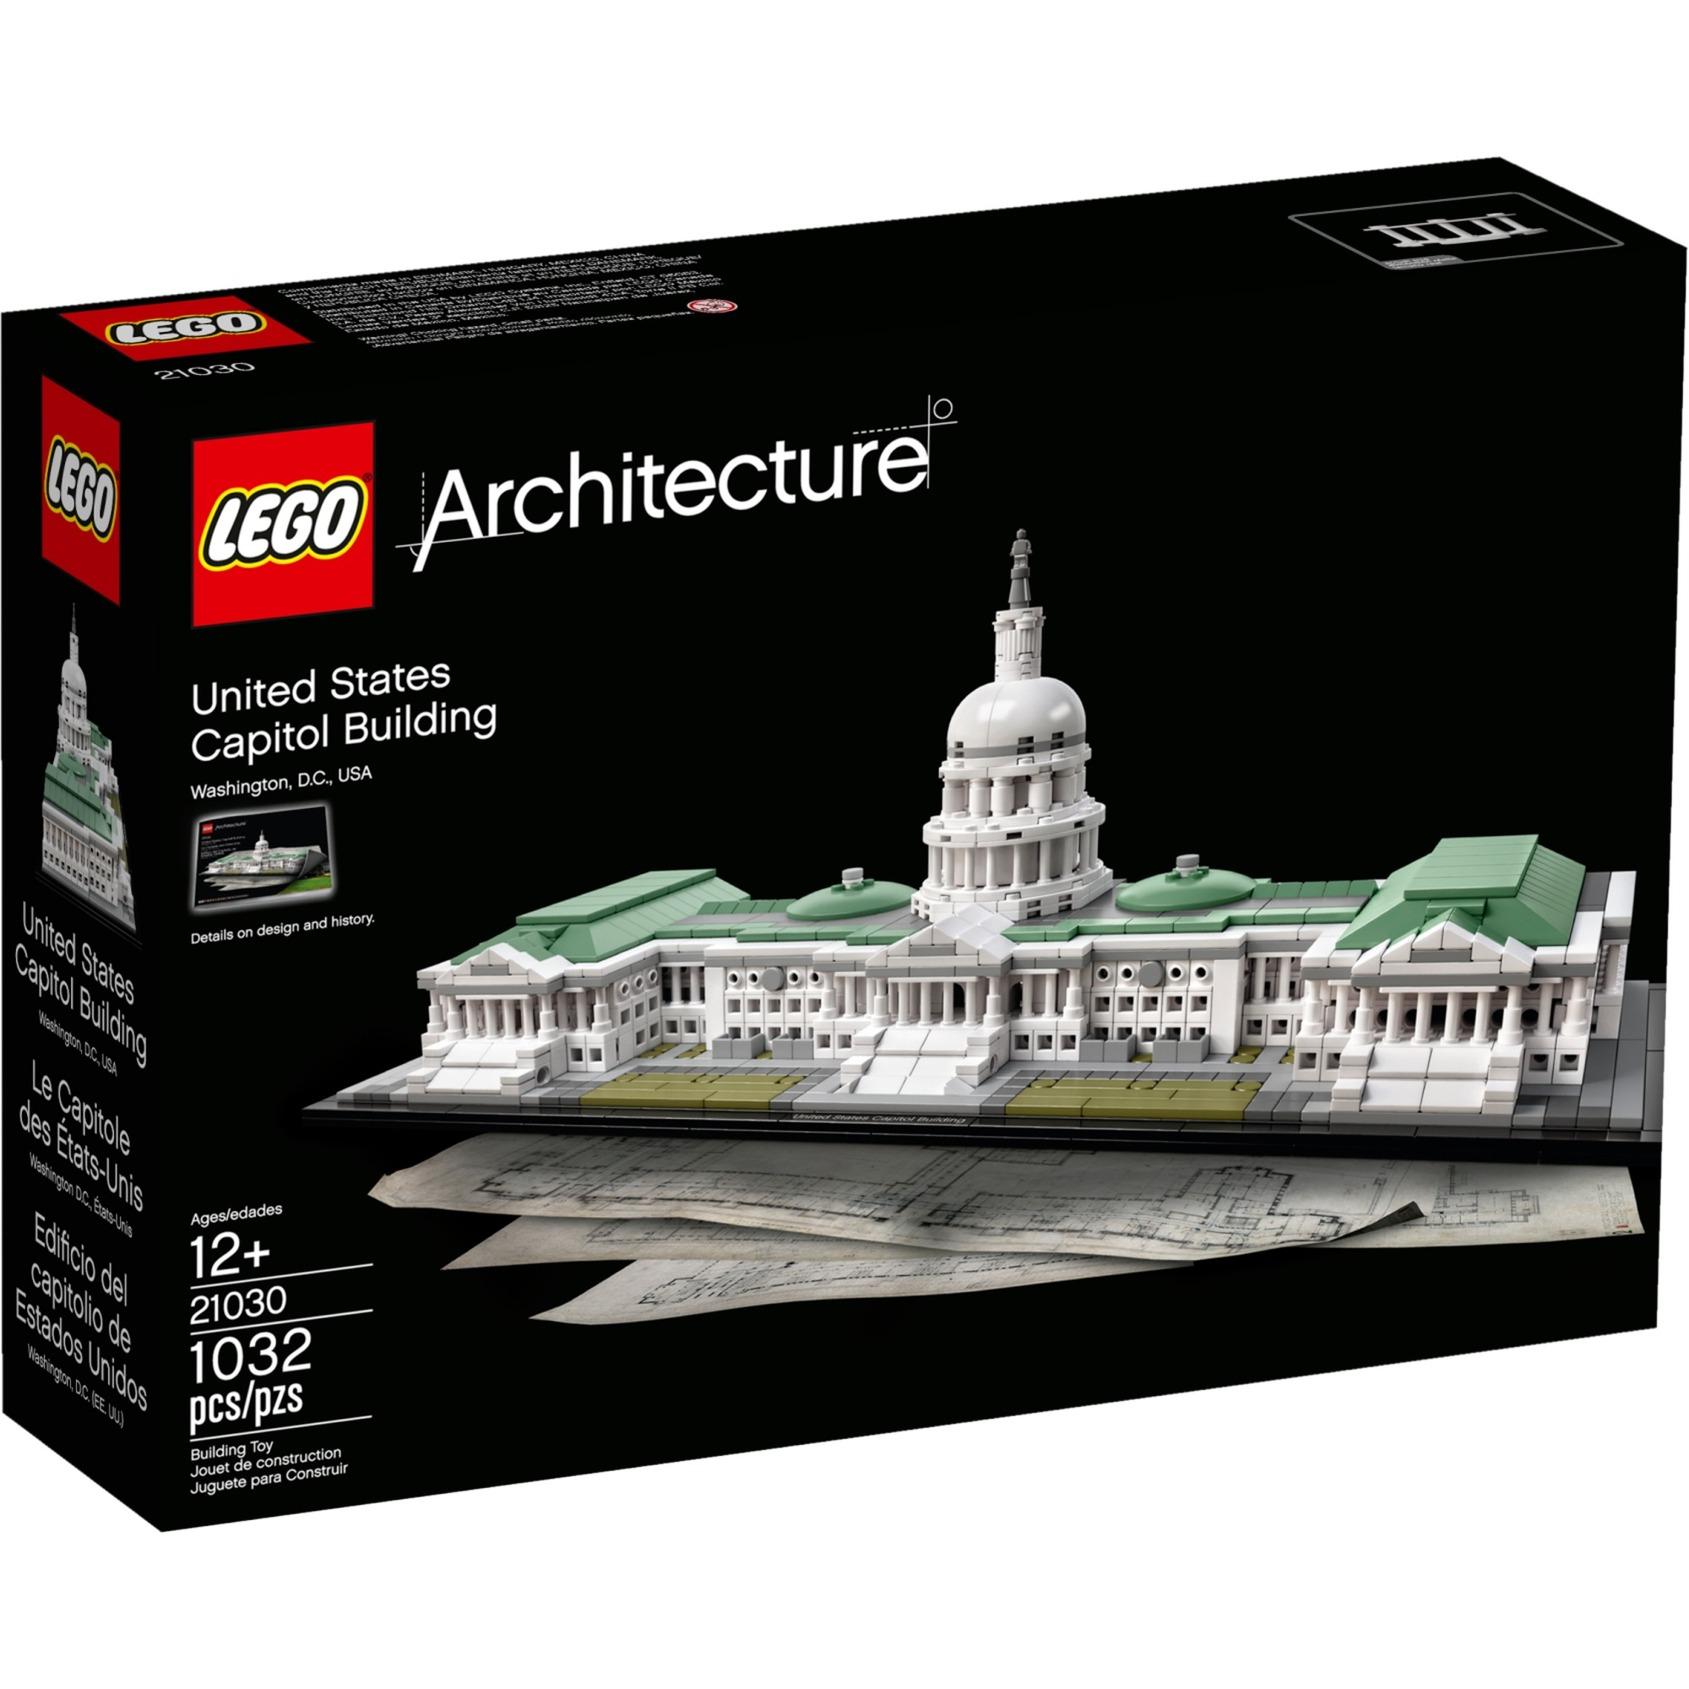 Architecture 21030 Edificio del Capitolio de Estados Unidos, Juegos de construcción